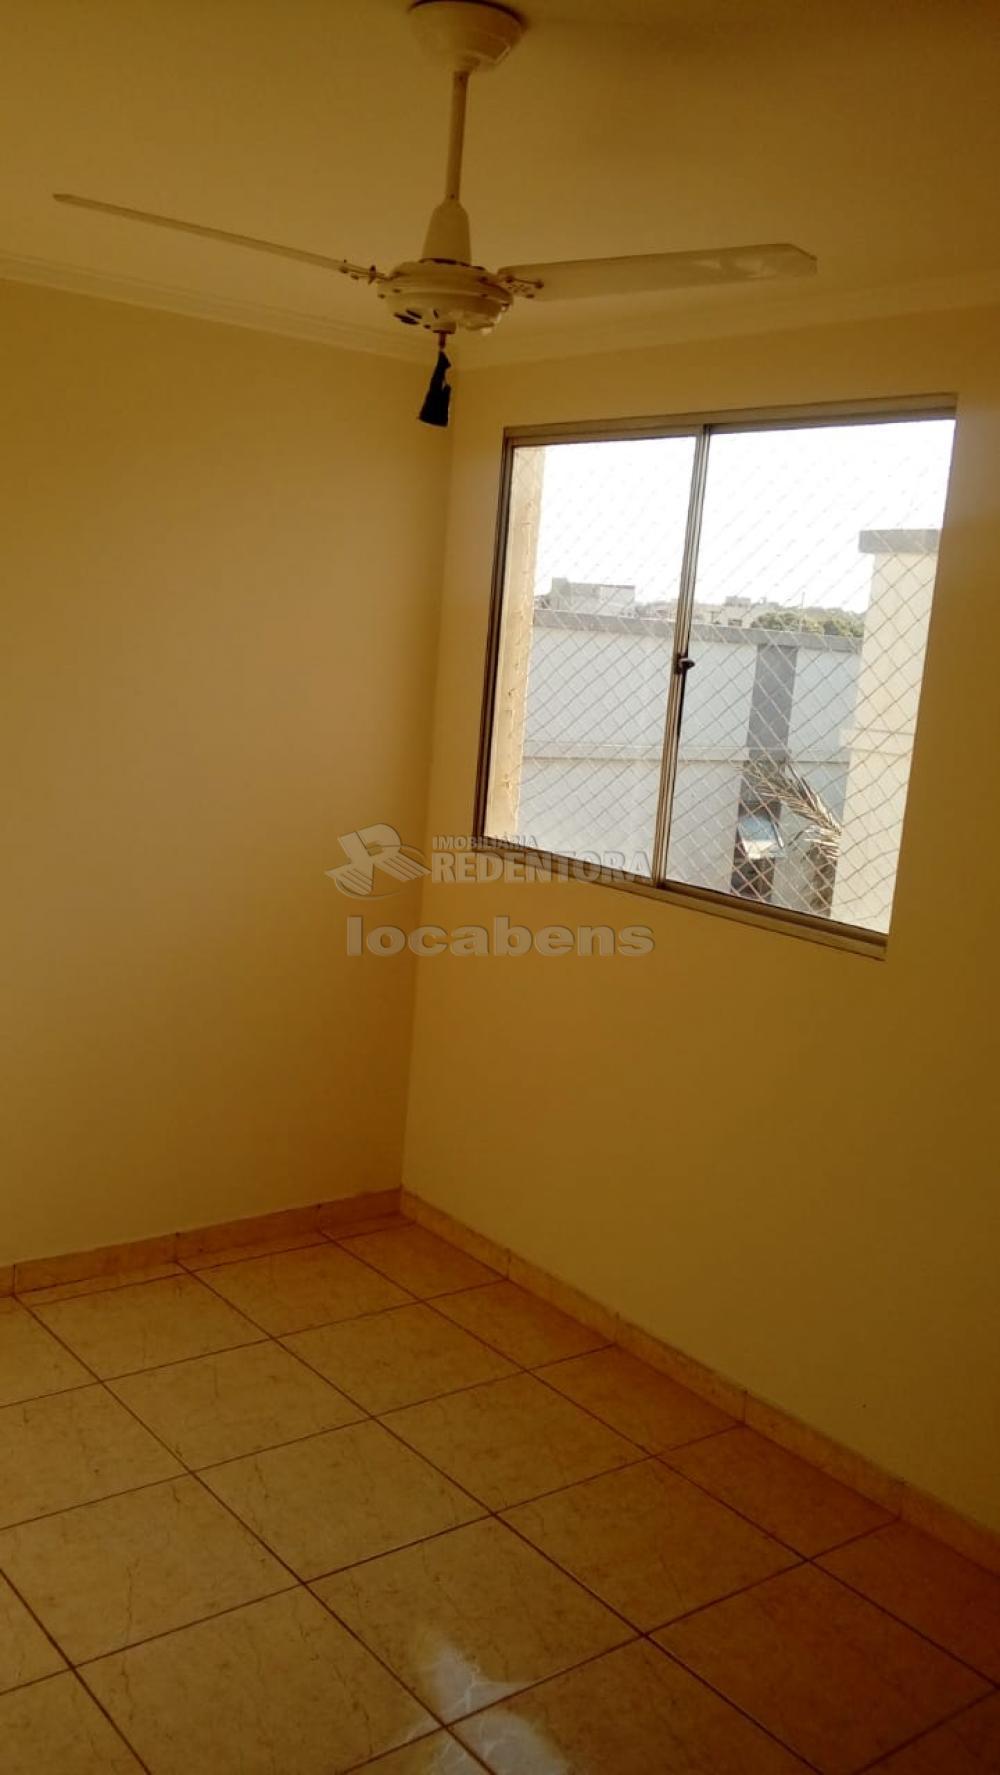 Comprar Apartamento / Padrão em São José do Rio Preto R$ 145.000,00 - Foto 1